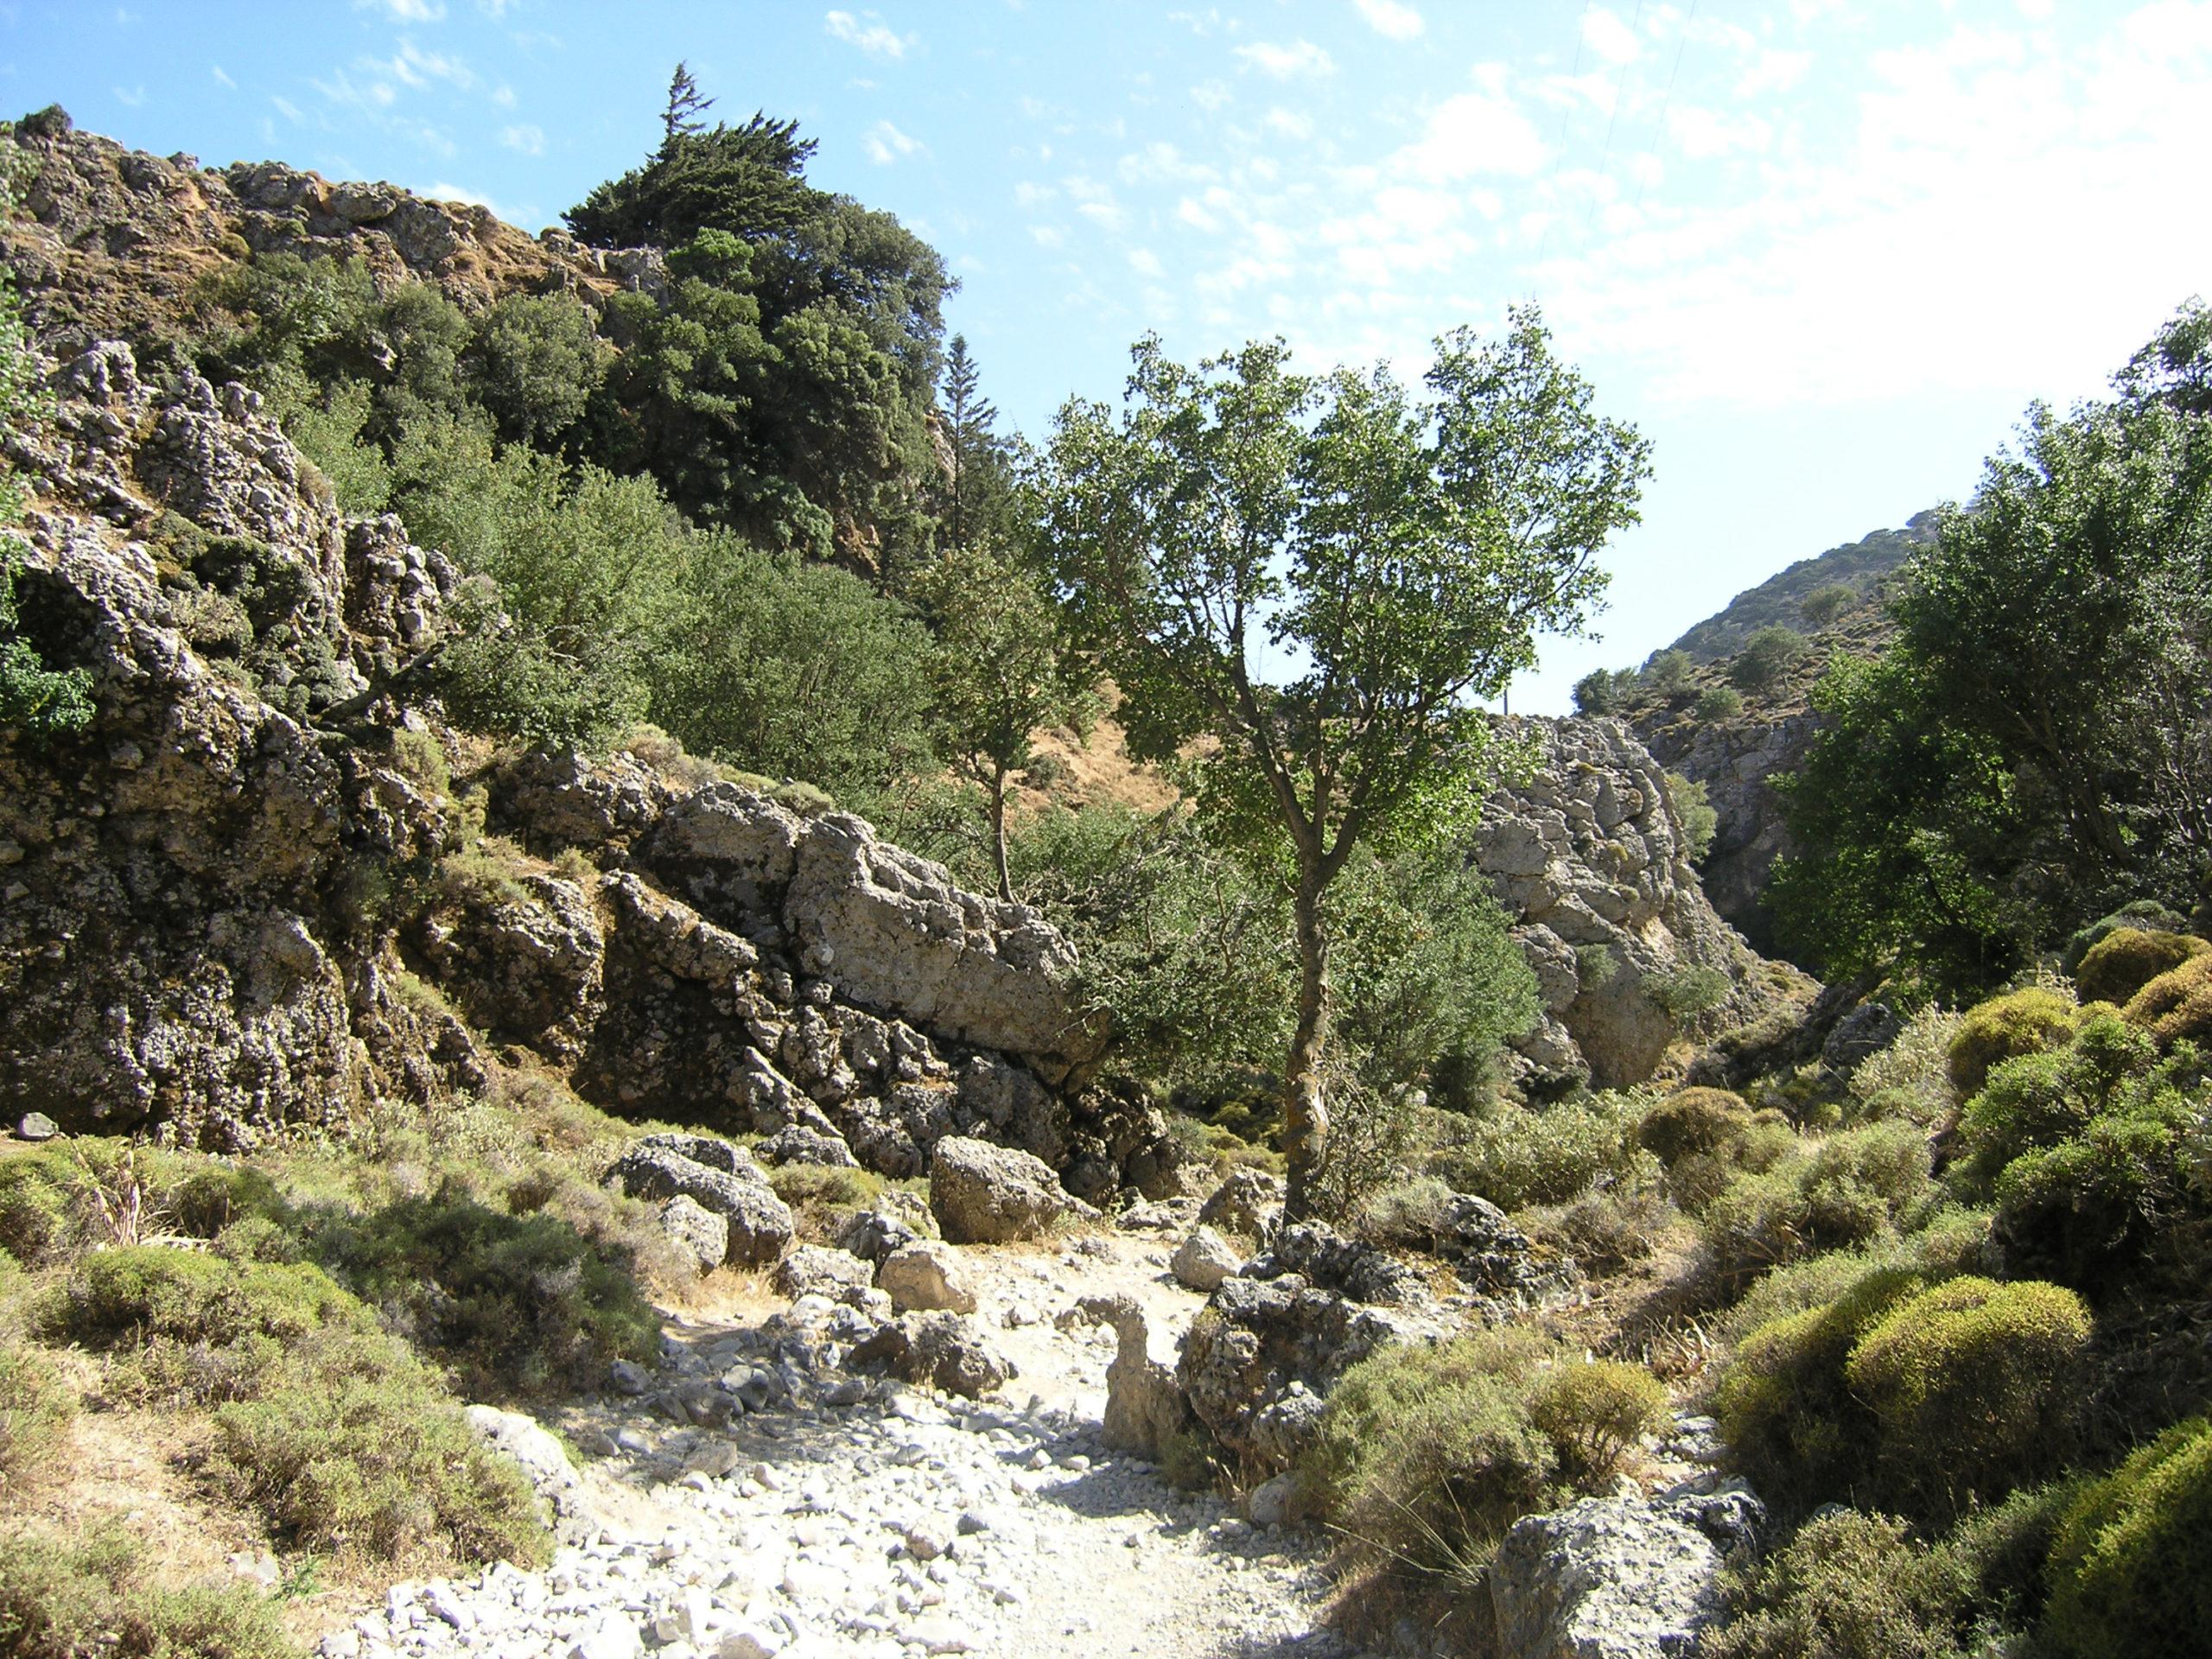 Widok na ścieżkę wśród skał